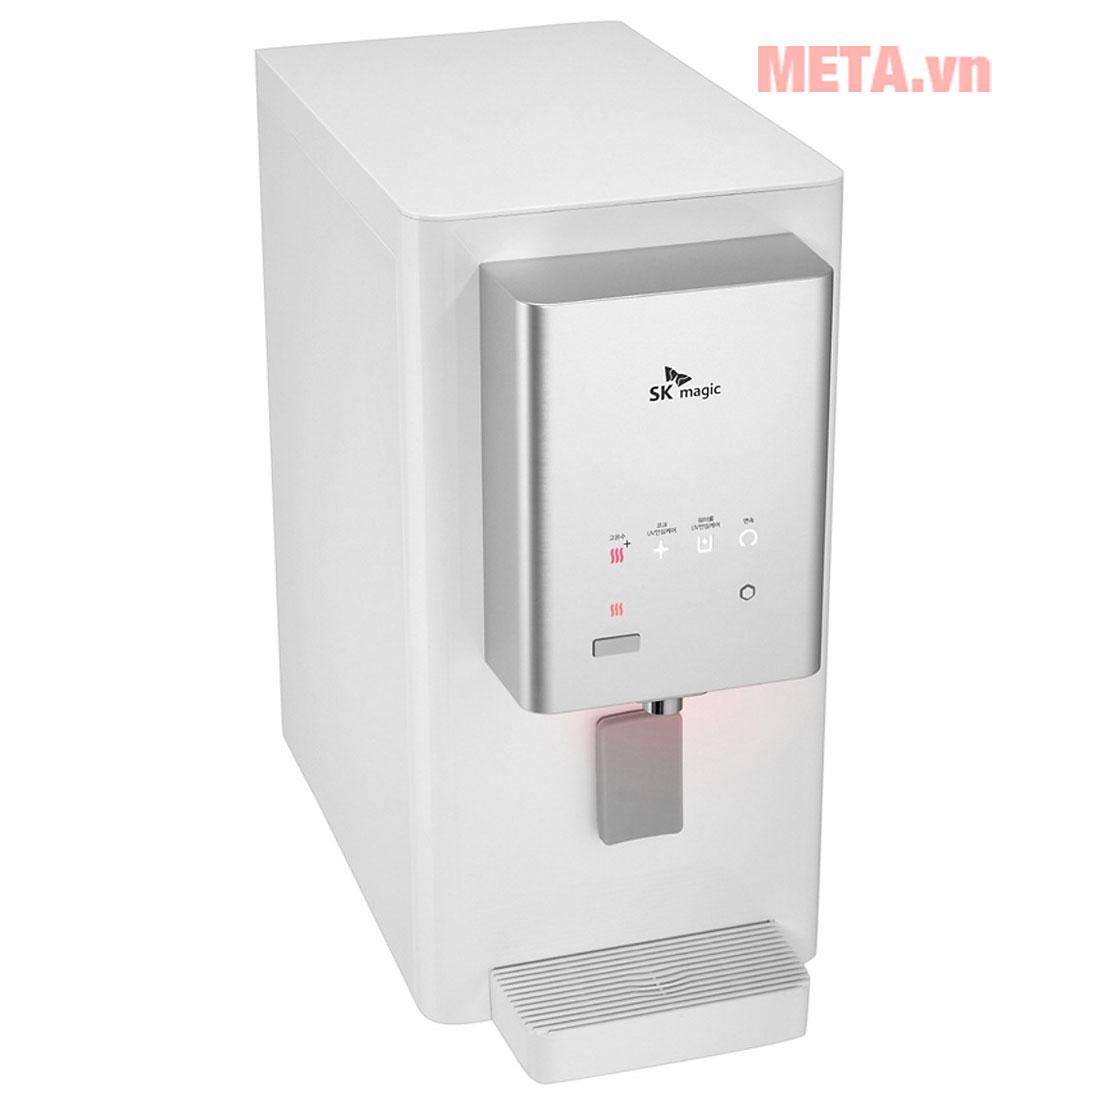 Đèn led ở vòi nước báo hiệu các chế độ nhiệt khác nhau